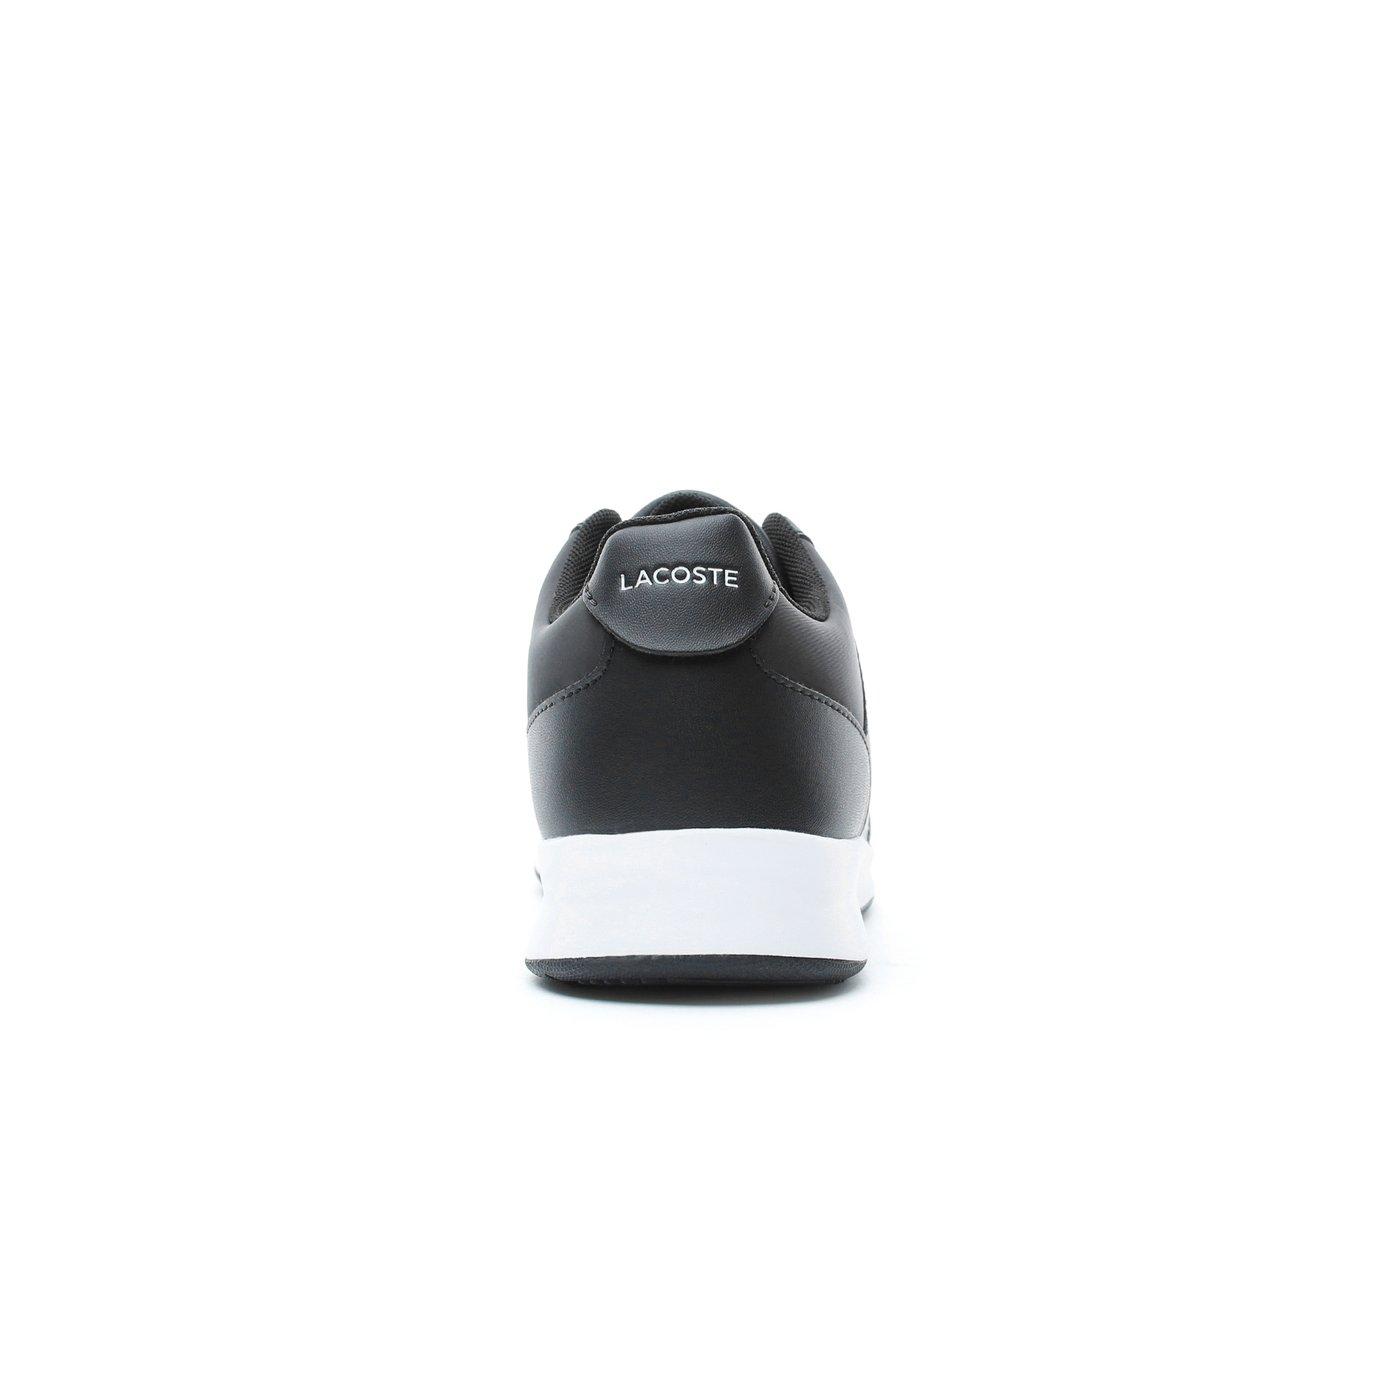 Lacoste Kadın Siyah - Beyaz Chaumont 119 1 Spor Ayakkabı